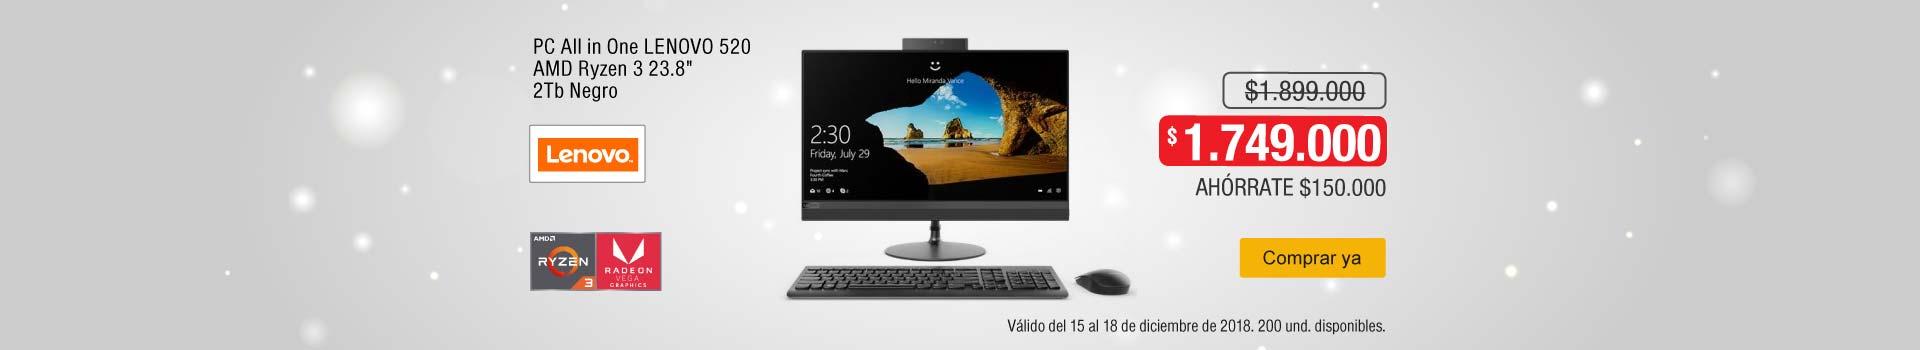 AK-KT-BCAT-1-computadores y tablets-escritorio-PP---Lenovo-AIO 520 AMD Ryzen 3-dic15